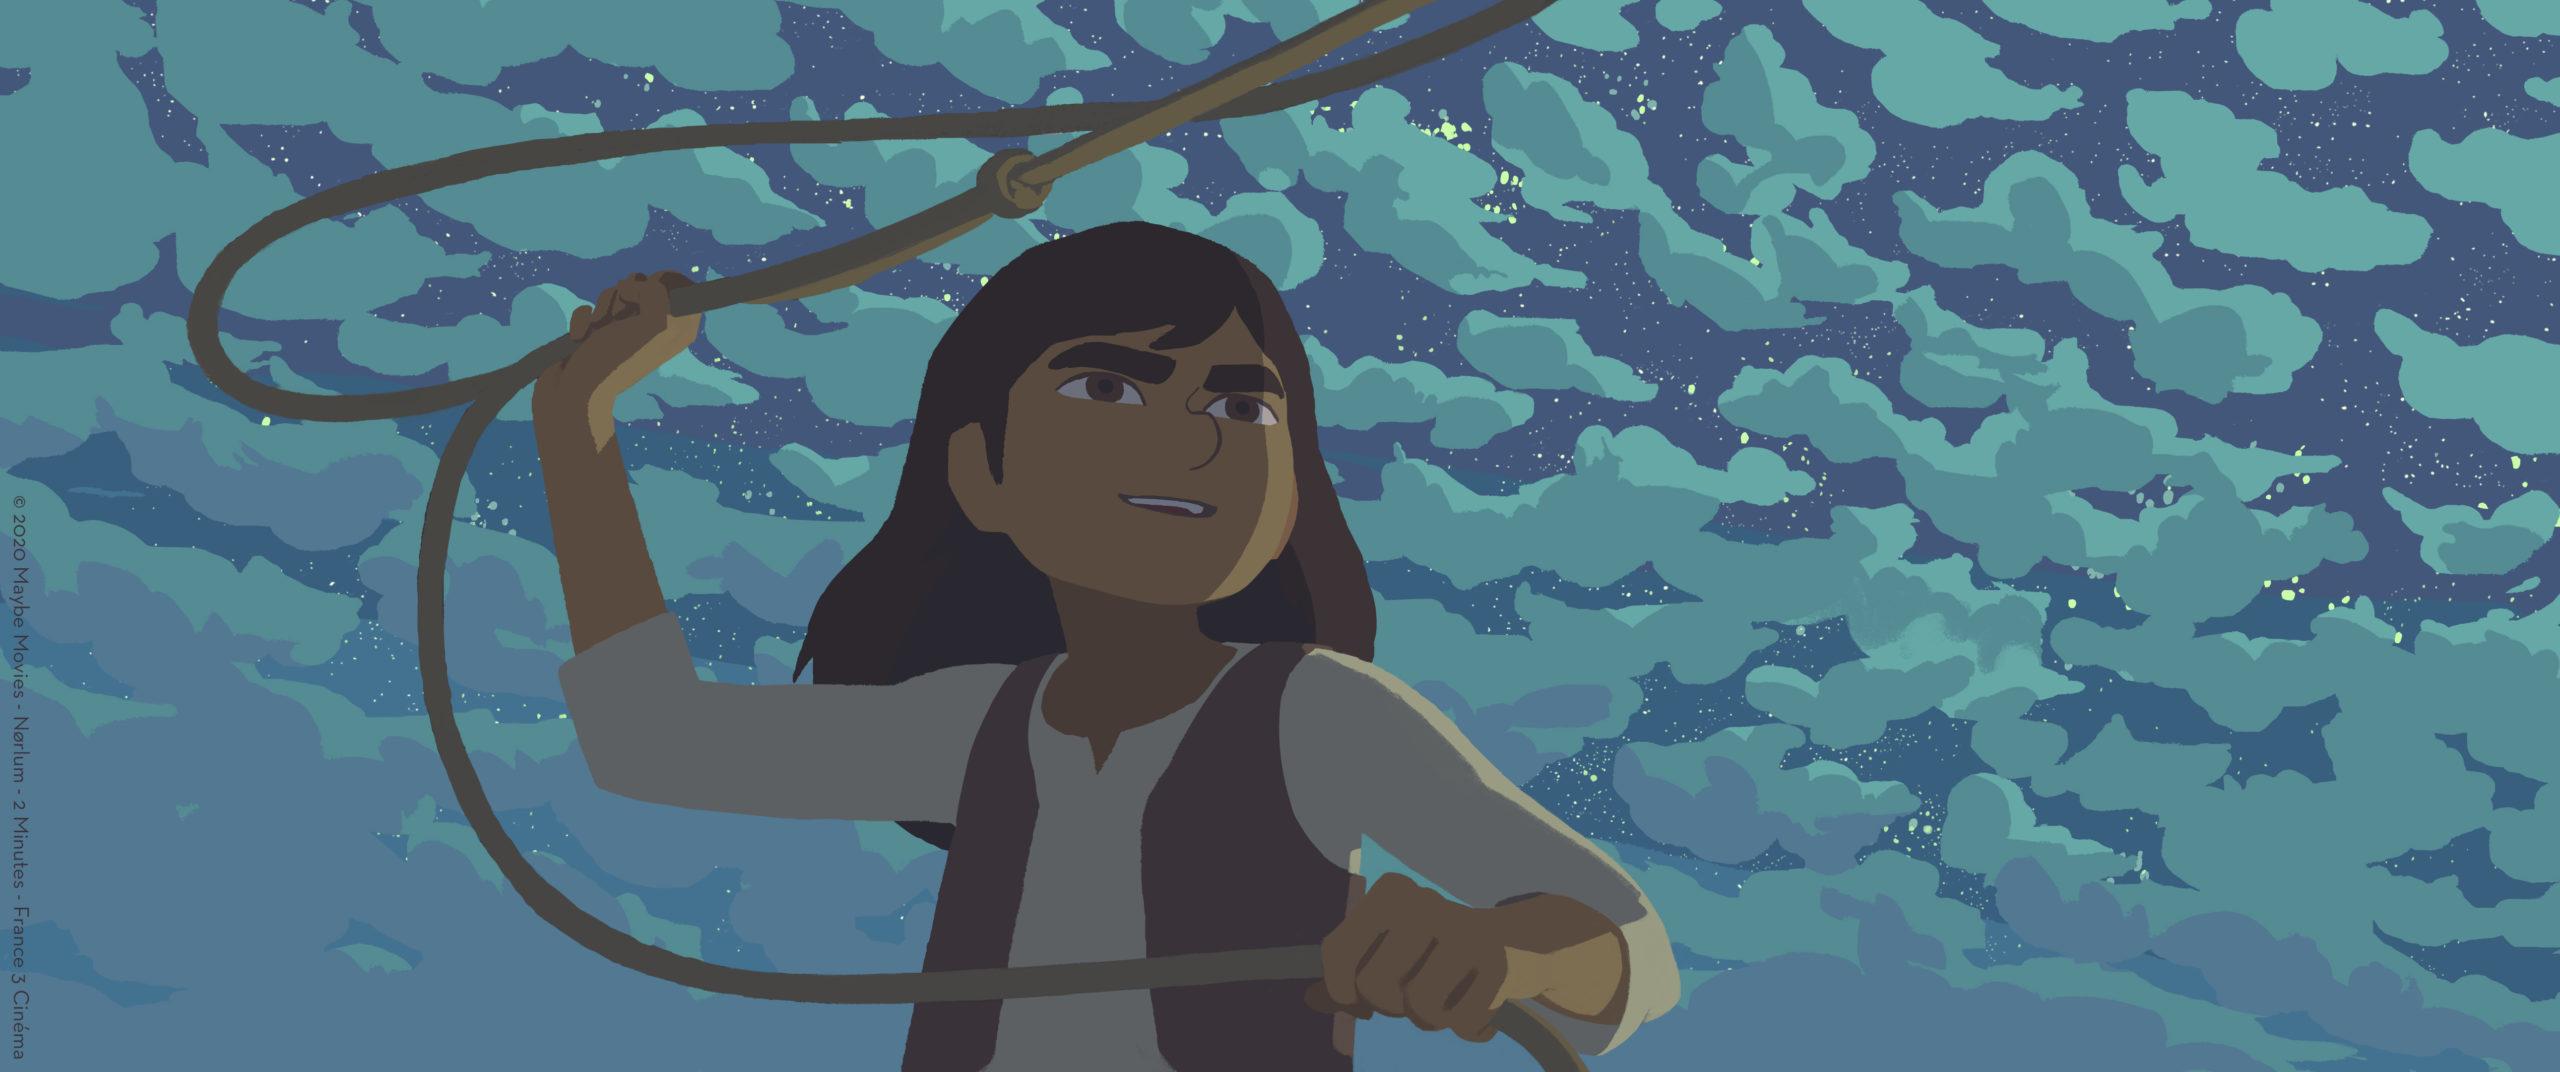 Festival Résistances Foix militant cinéma Ariège Calamity animation débats